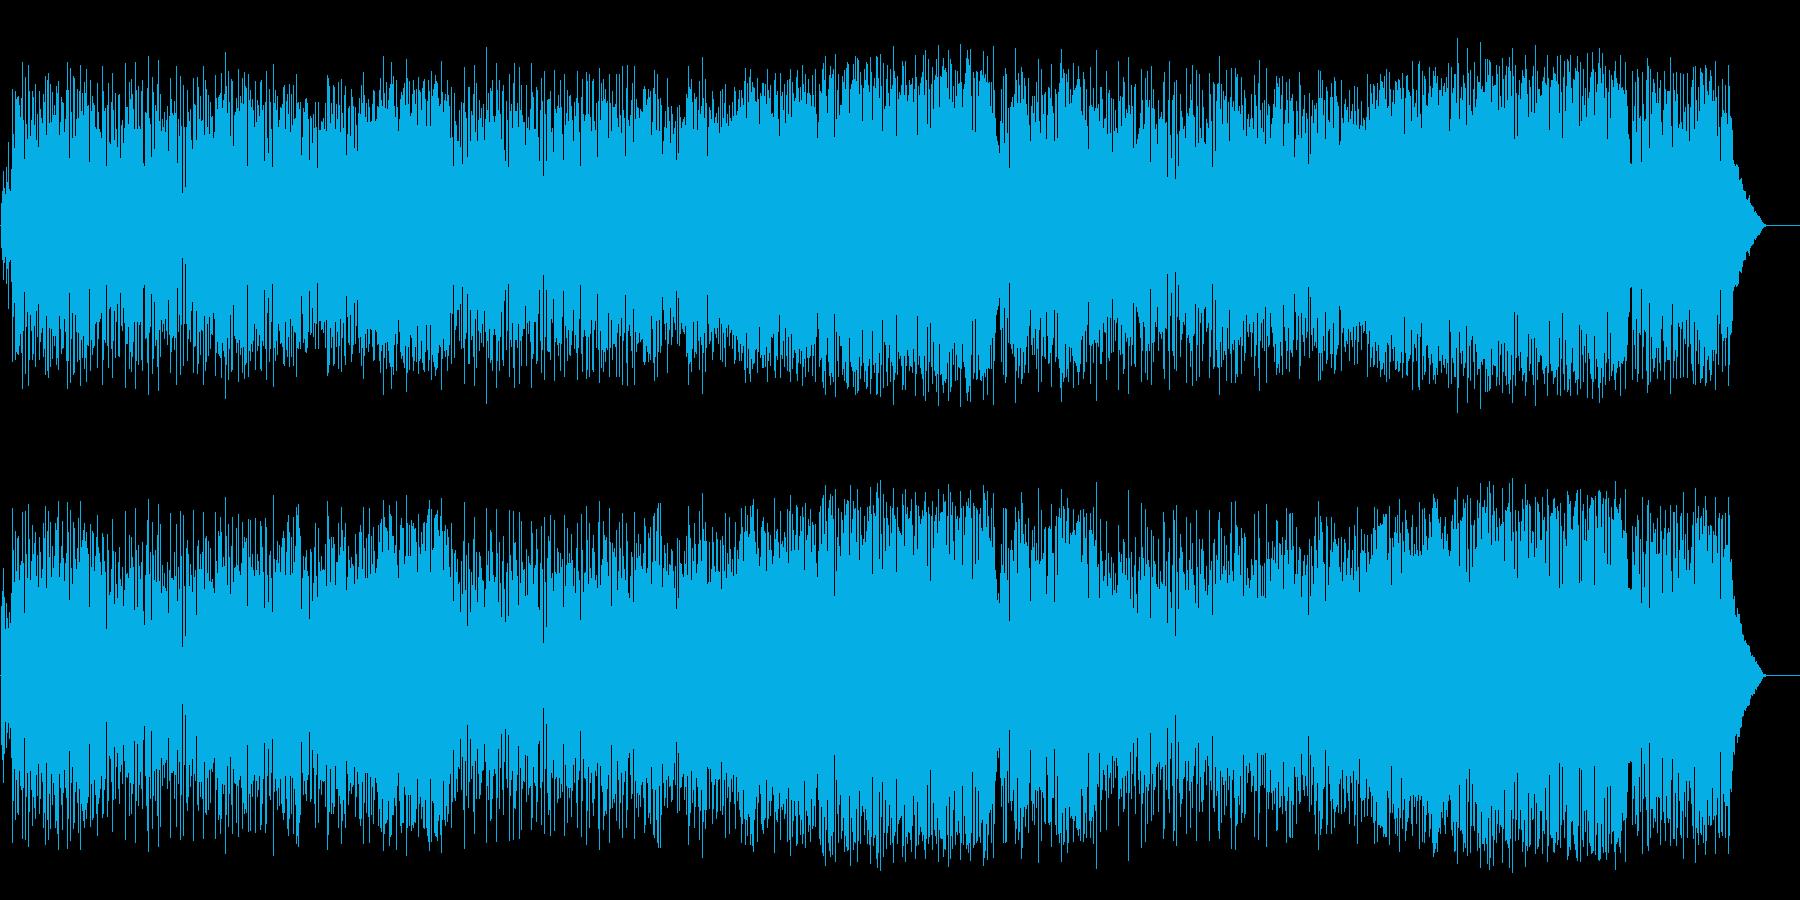 清々しい店内向けポップス(フルサイズ)の再生済みの波形